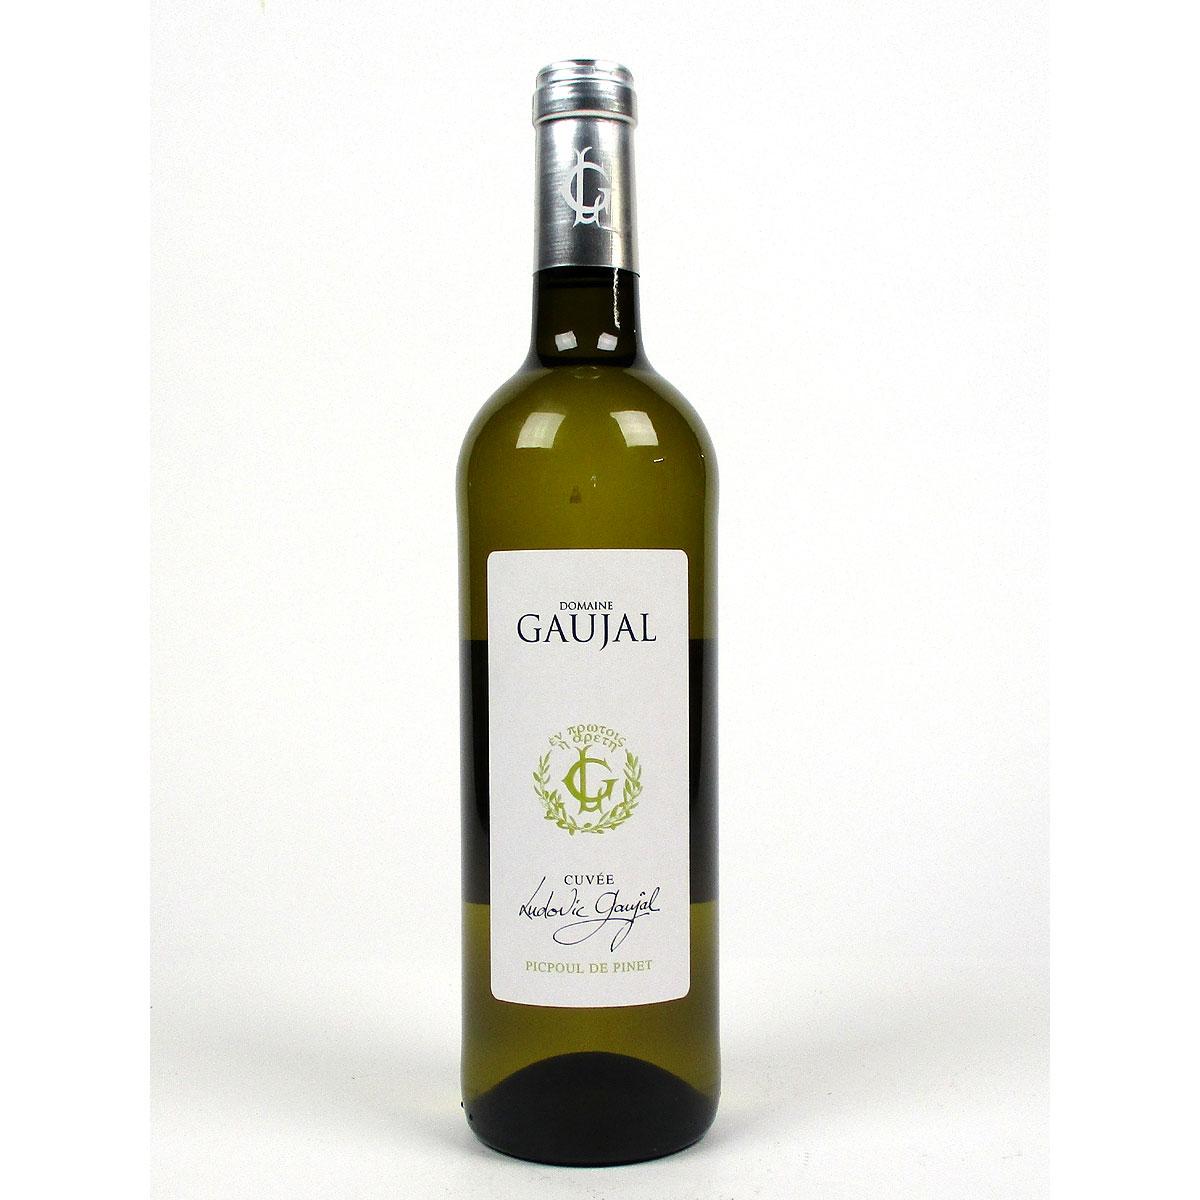 Picpoul de Pinet: Domaine Gaujal 2020 - Bottle